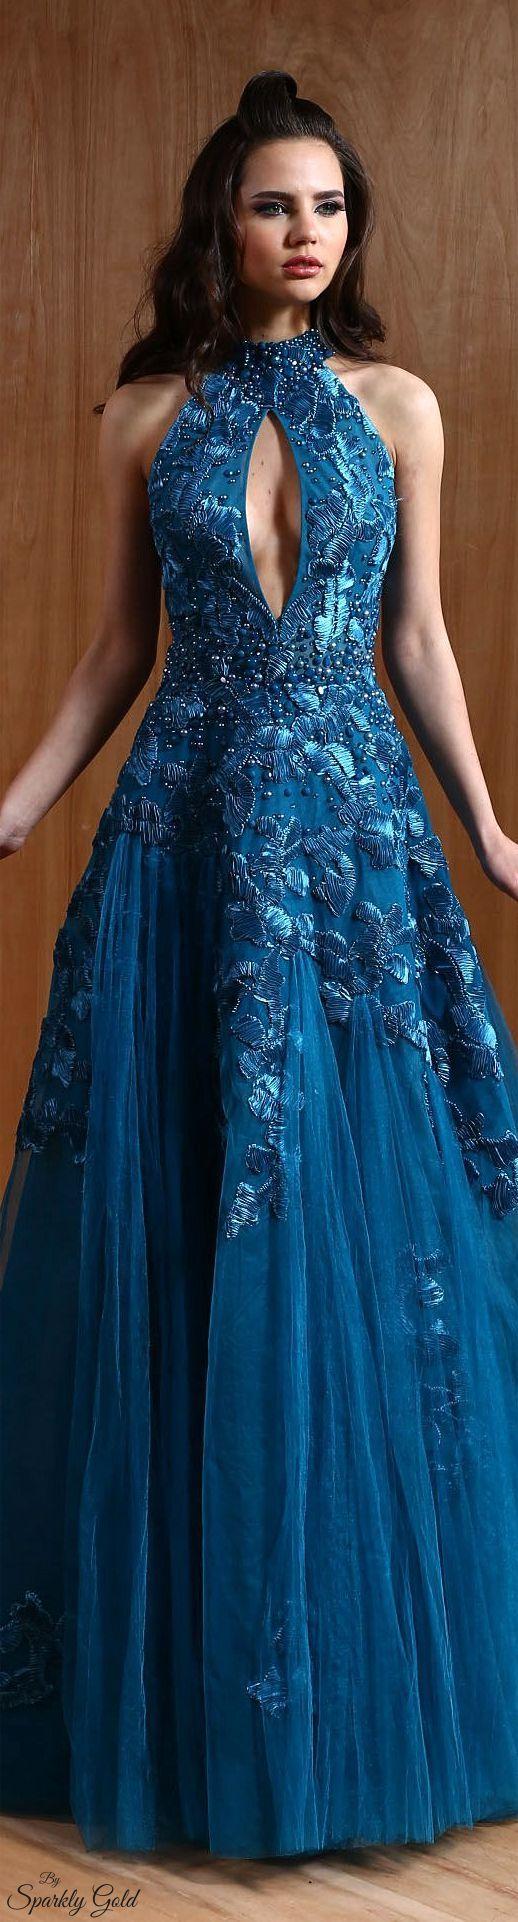 Antonios Couture S/S 2015 jαɢlαdy